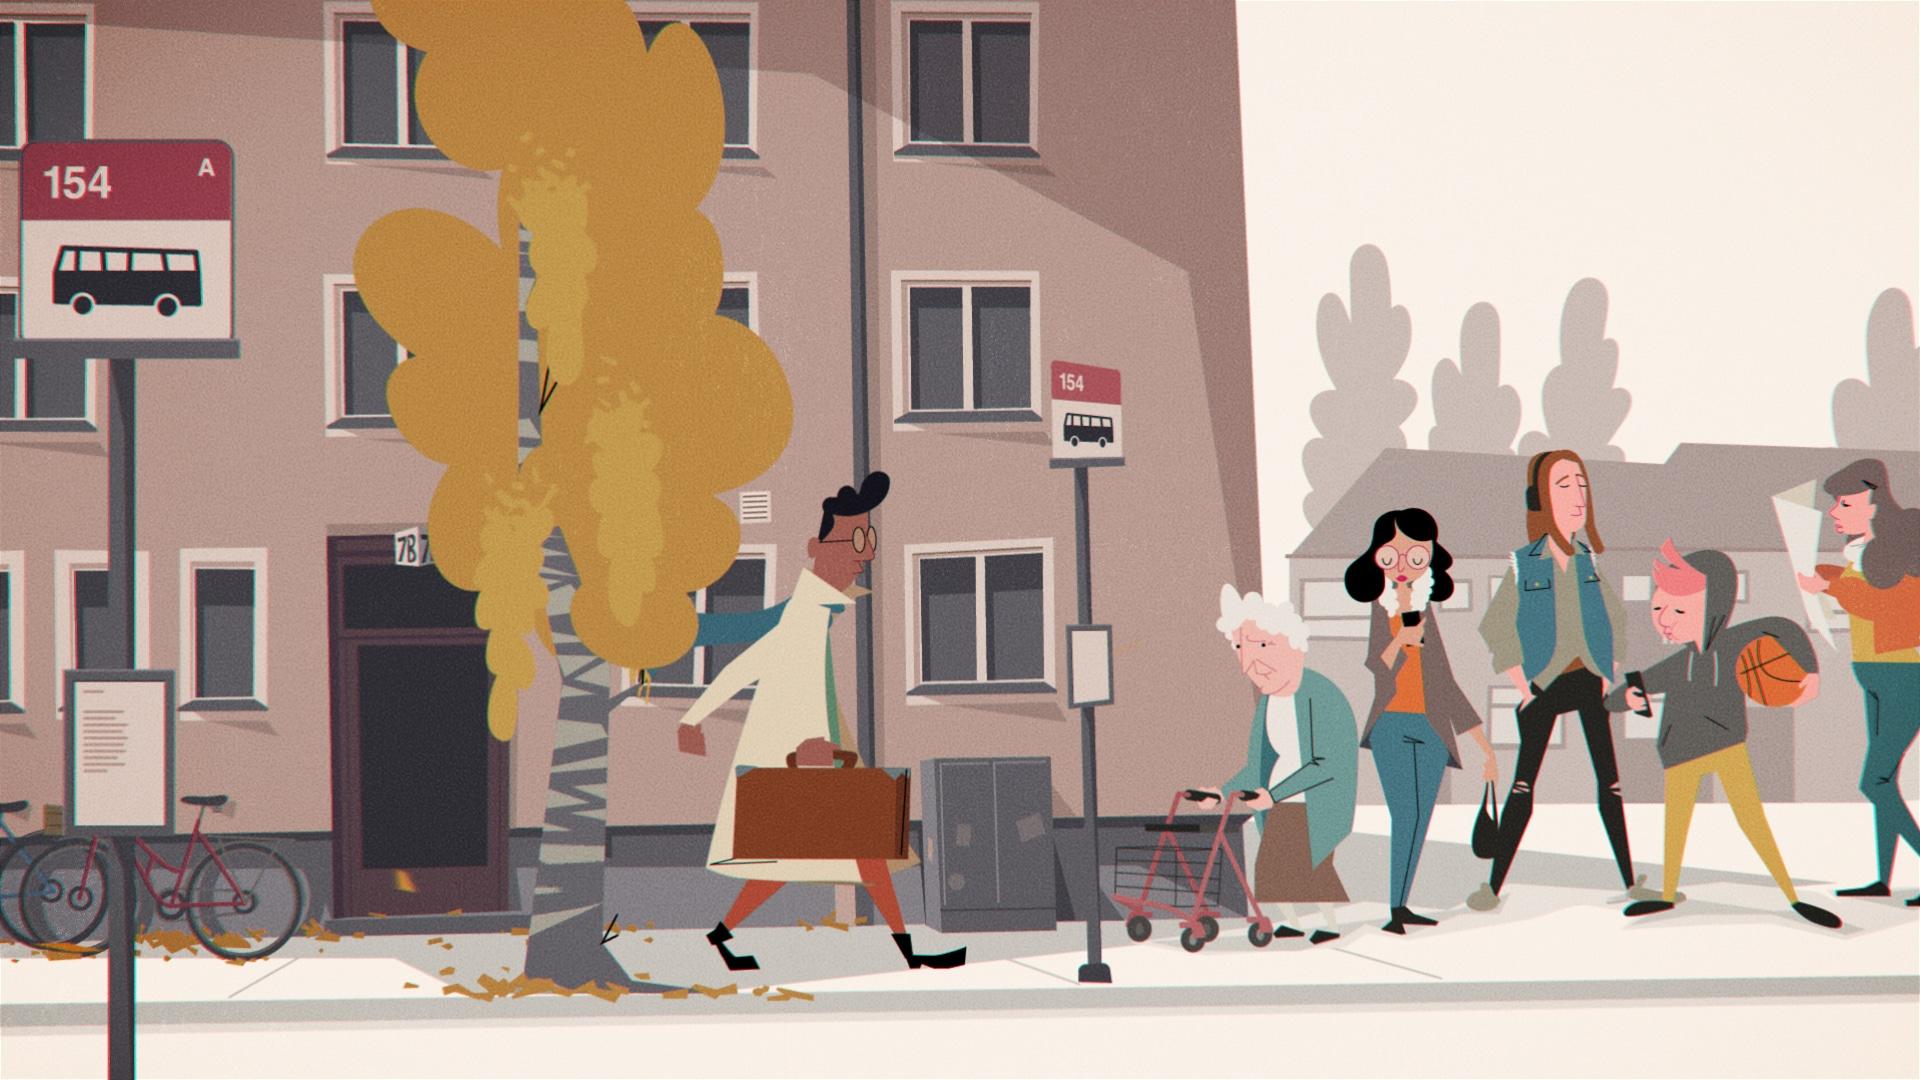 Försäkringskassan animerad film